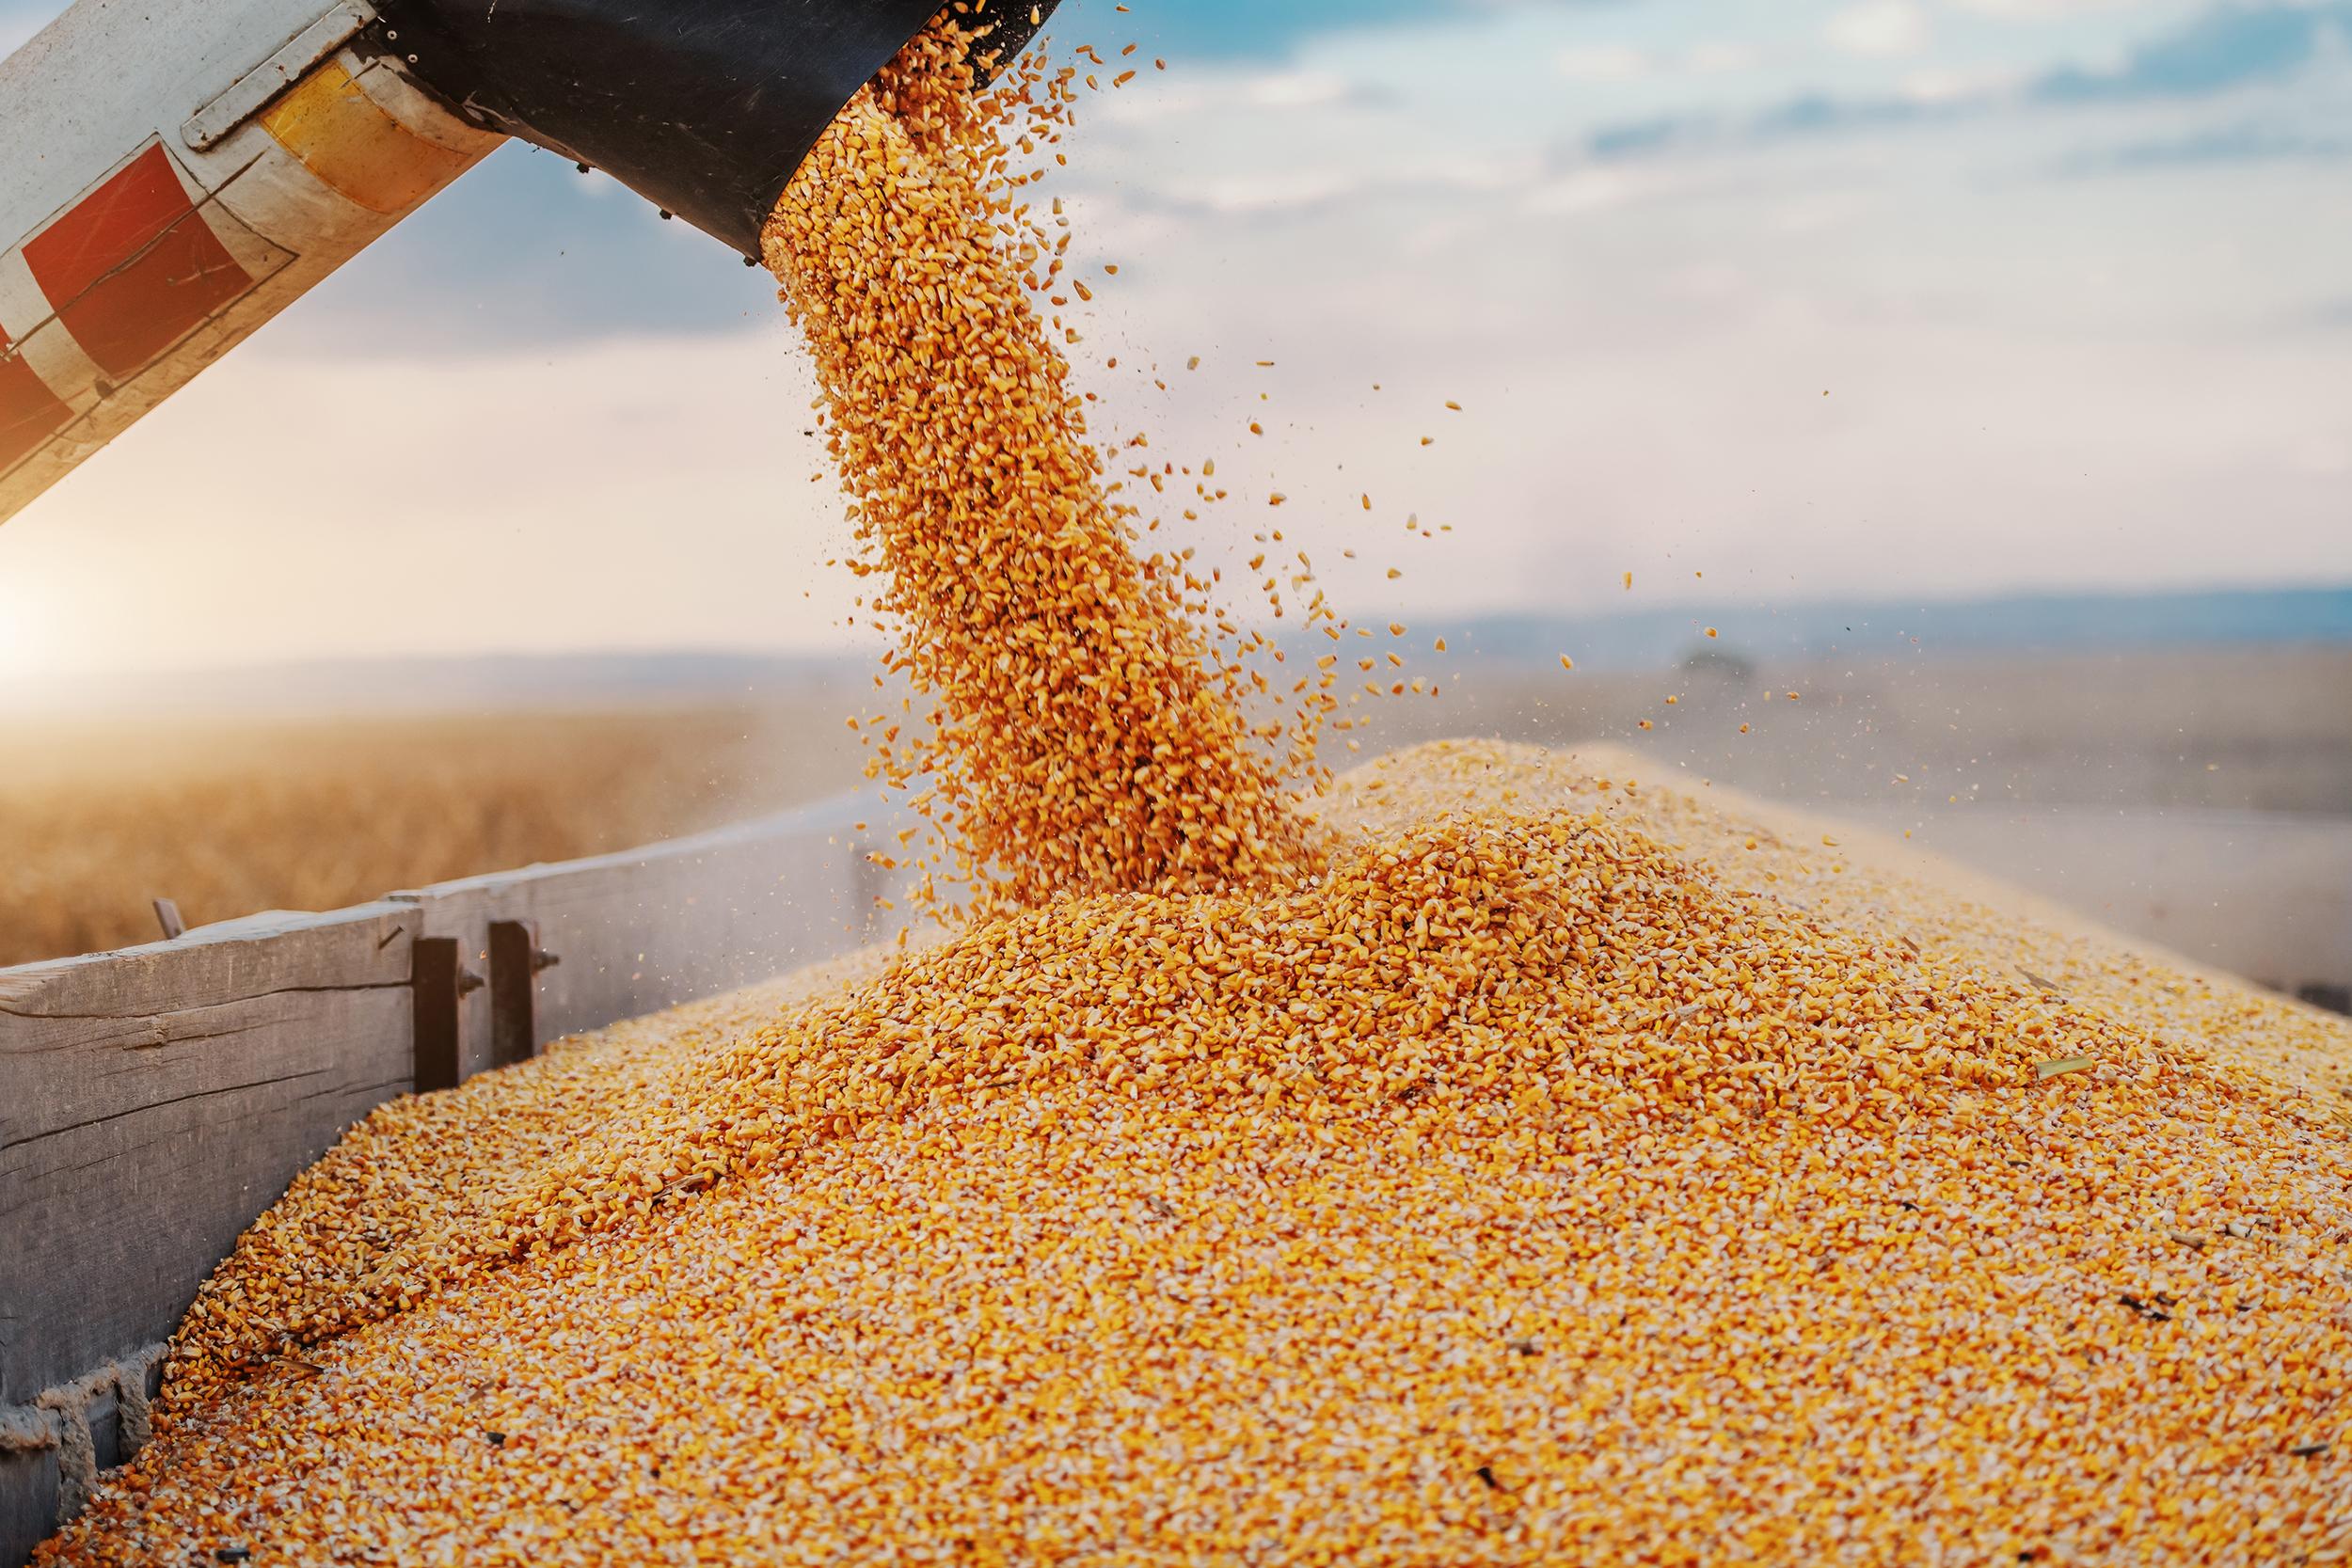 Korn wird auf einen Haufen gesammelt